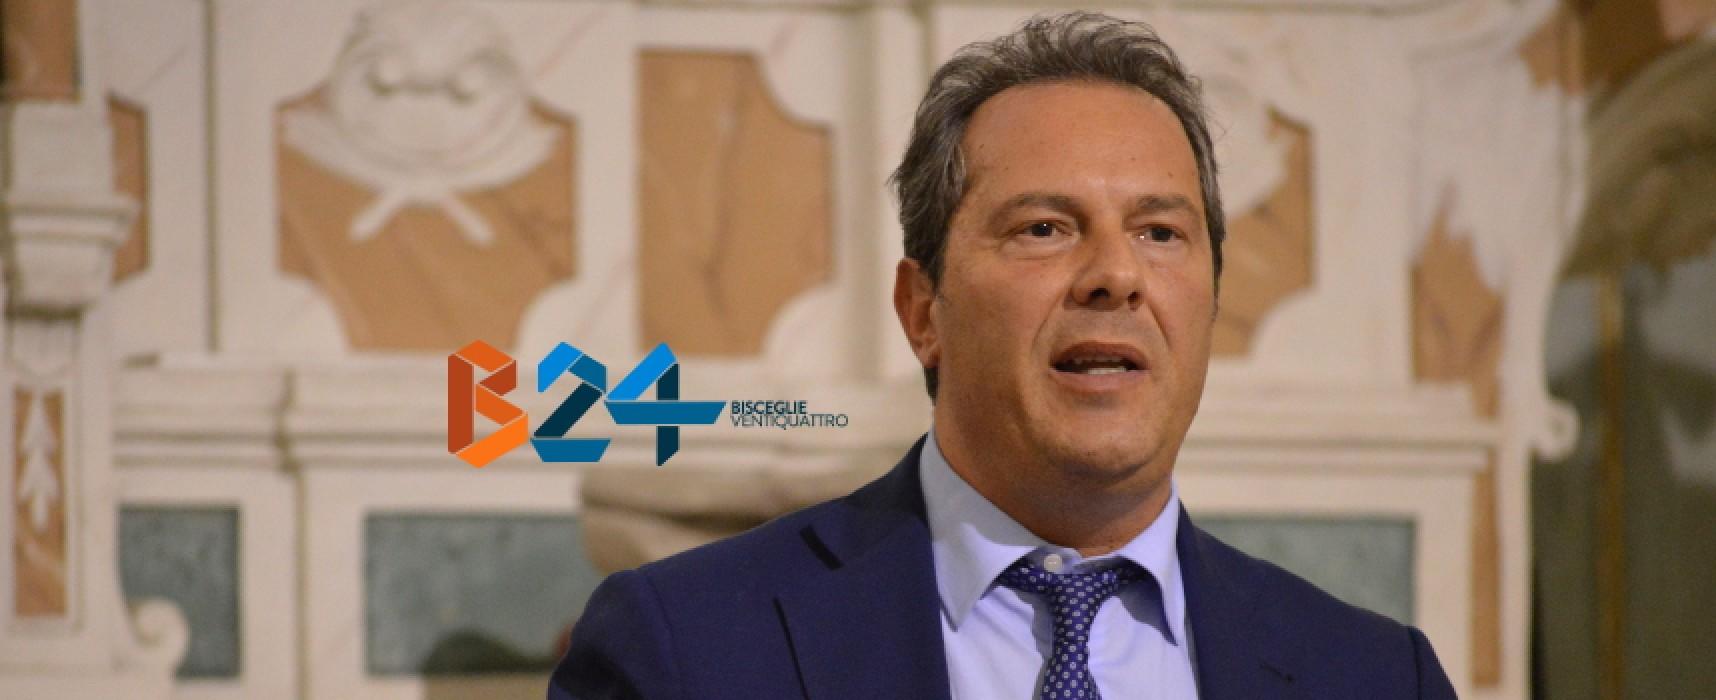 Spina e consiglieri di maggioranza di Bisceglie iscritti al Pd, lo conferma Lacarra